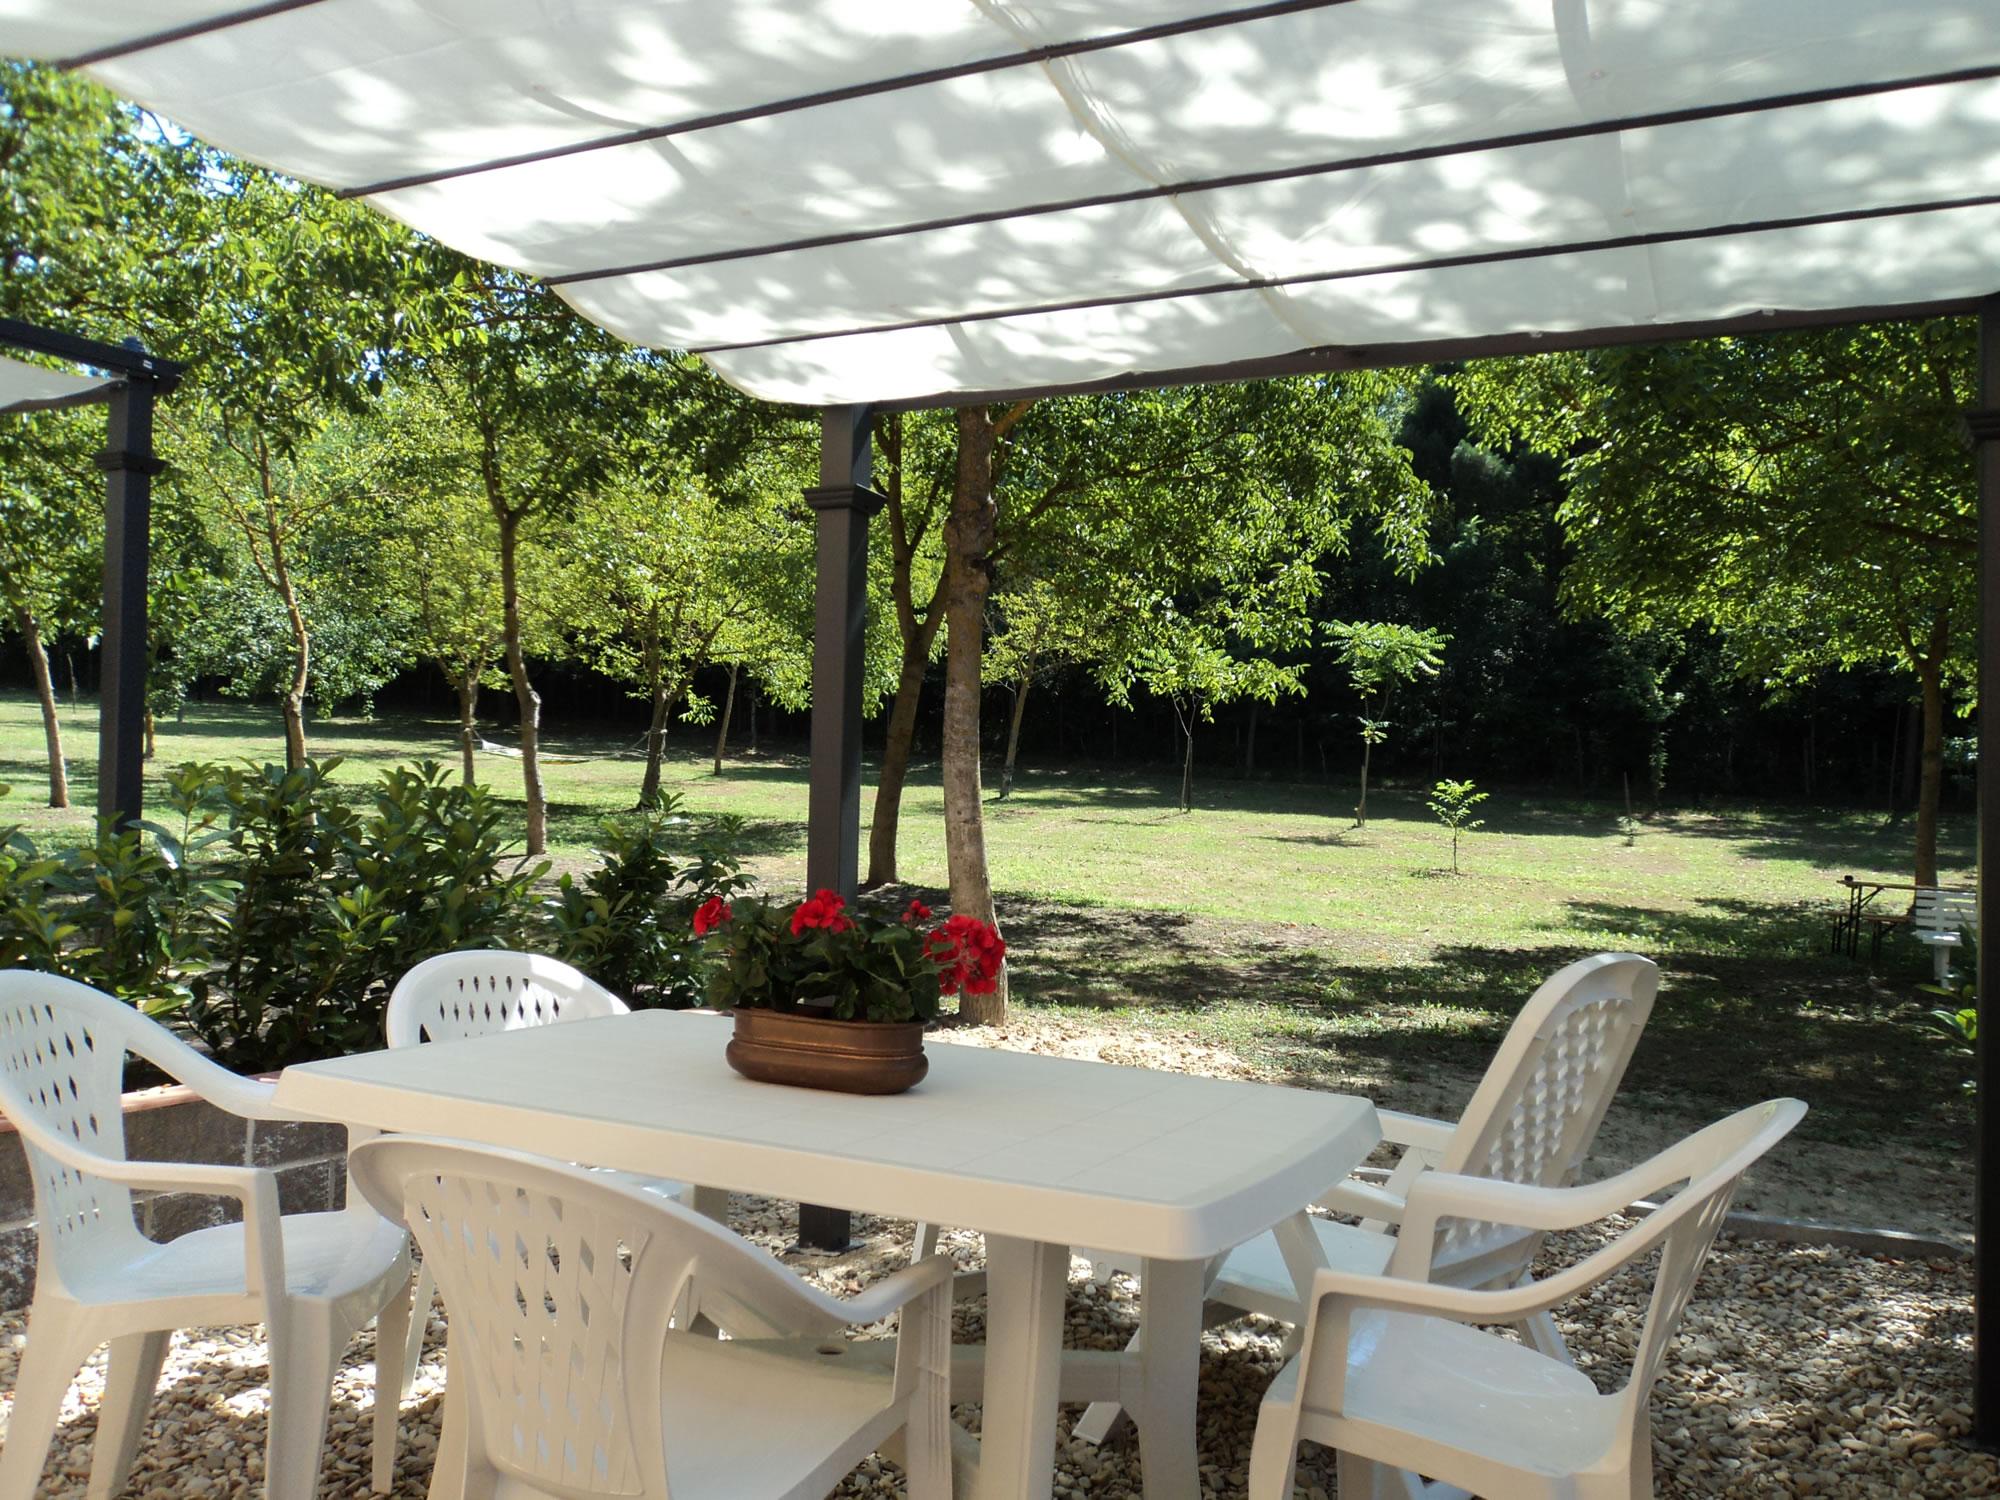 esterno-villette-a-schiera-vista-parco-di-noci-e-piscina-nel-Chianti - Copia